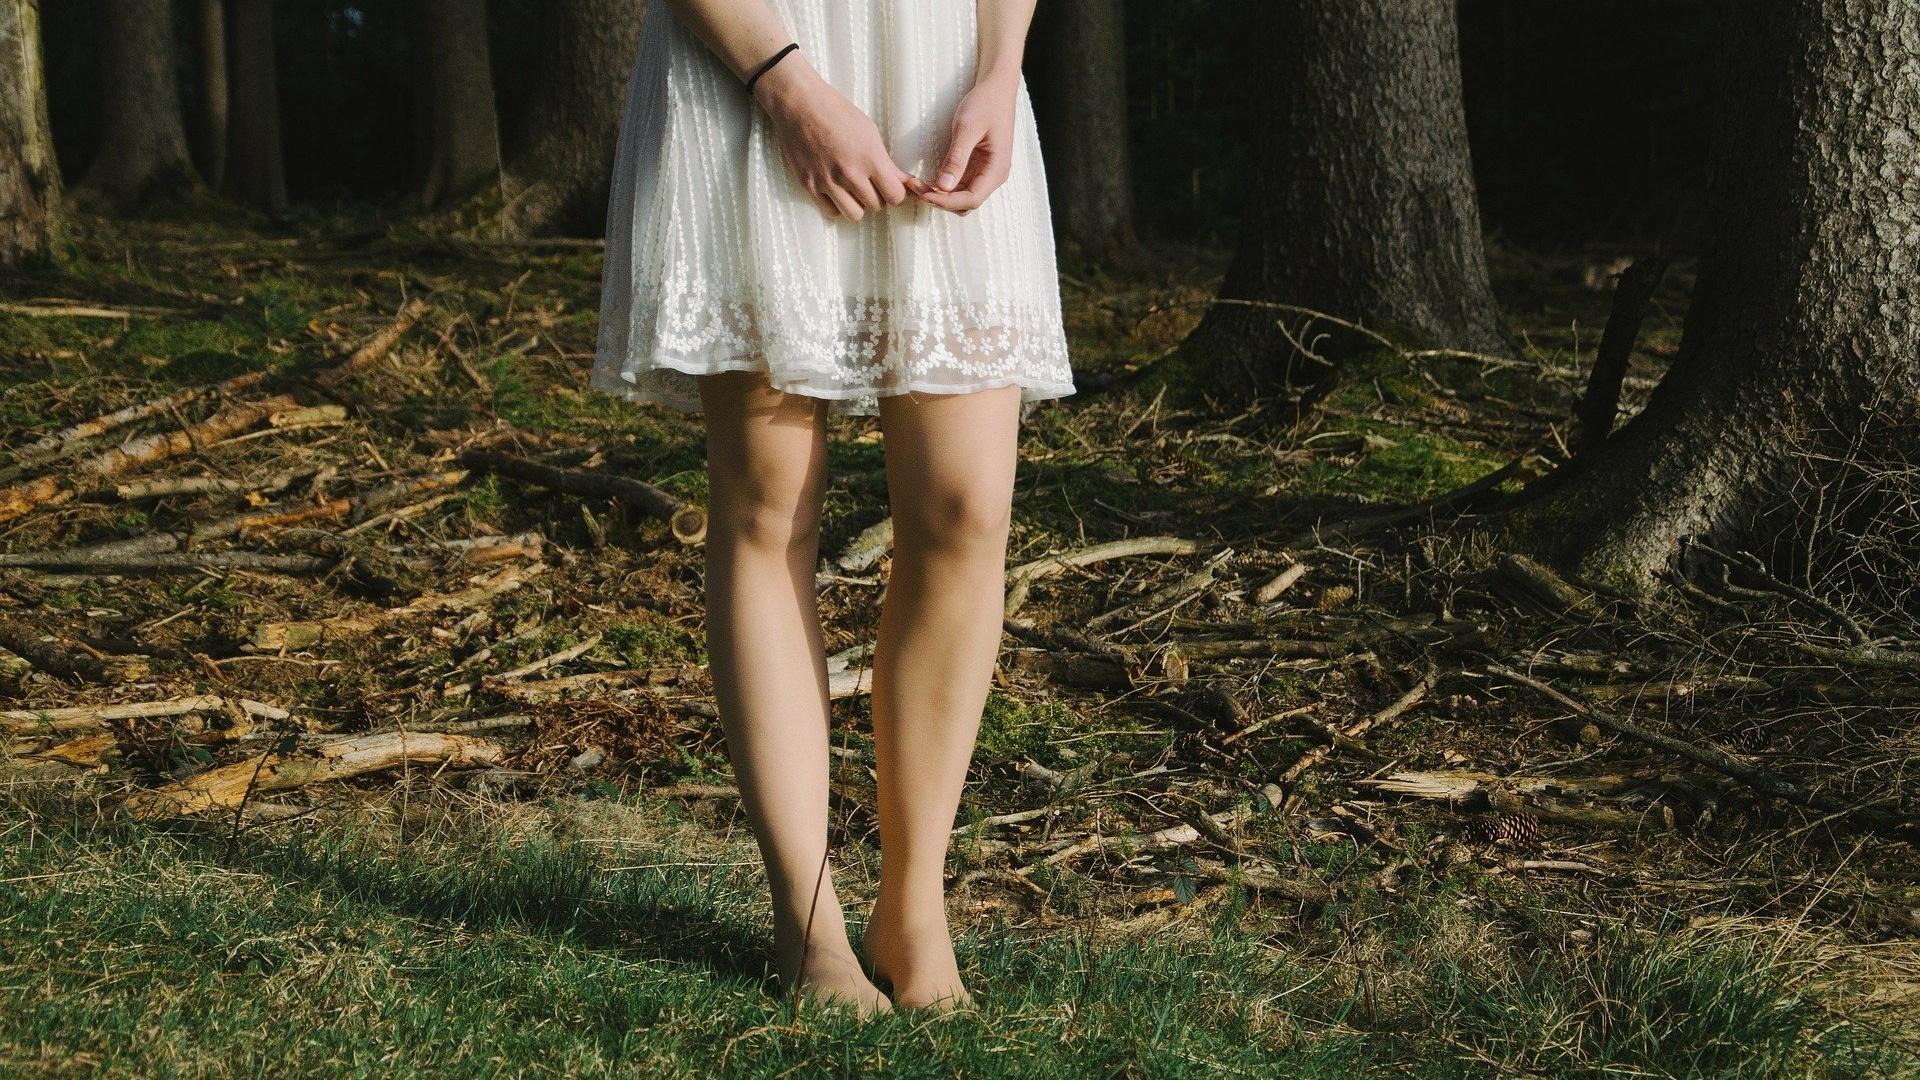 Bei trockener Haut an den Beinen hilft viel Pflege mit Cremes, Lotionen oder Peelings.